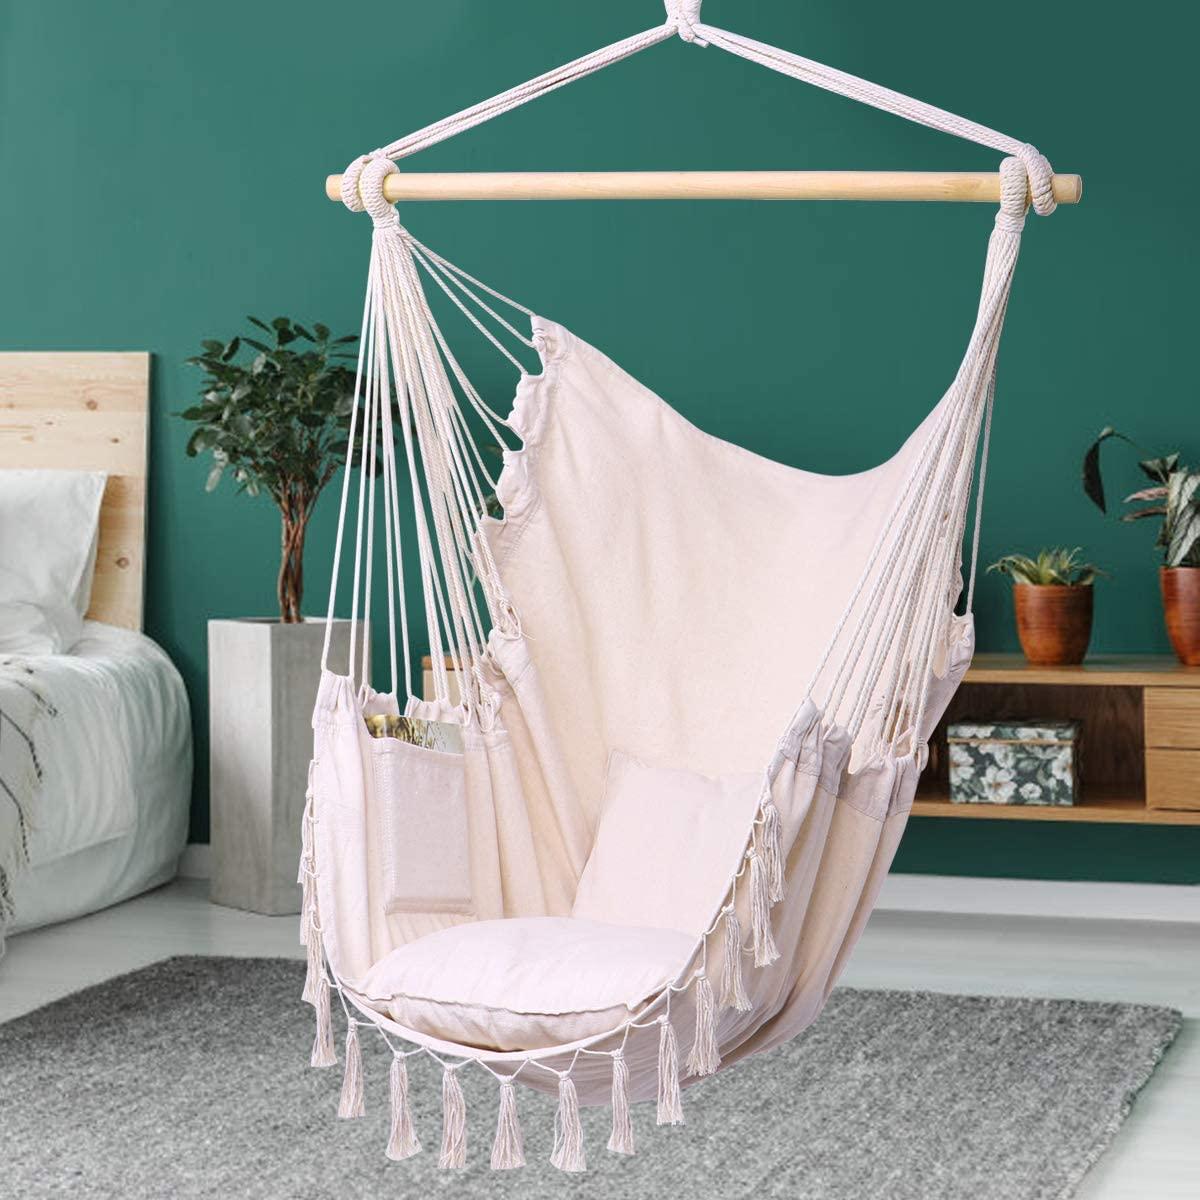 corona-hammock-chair-indoors